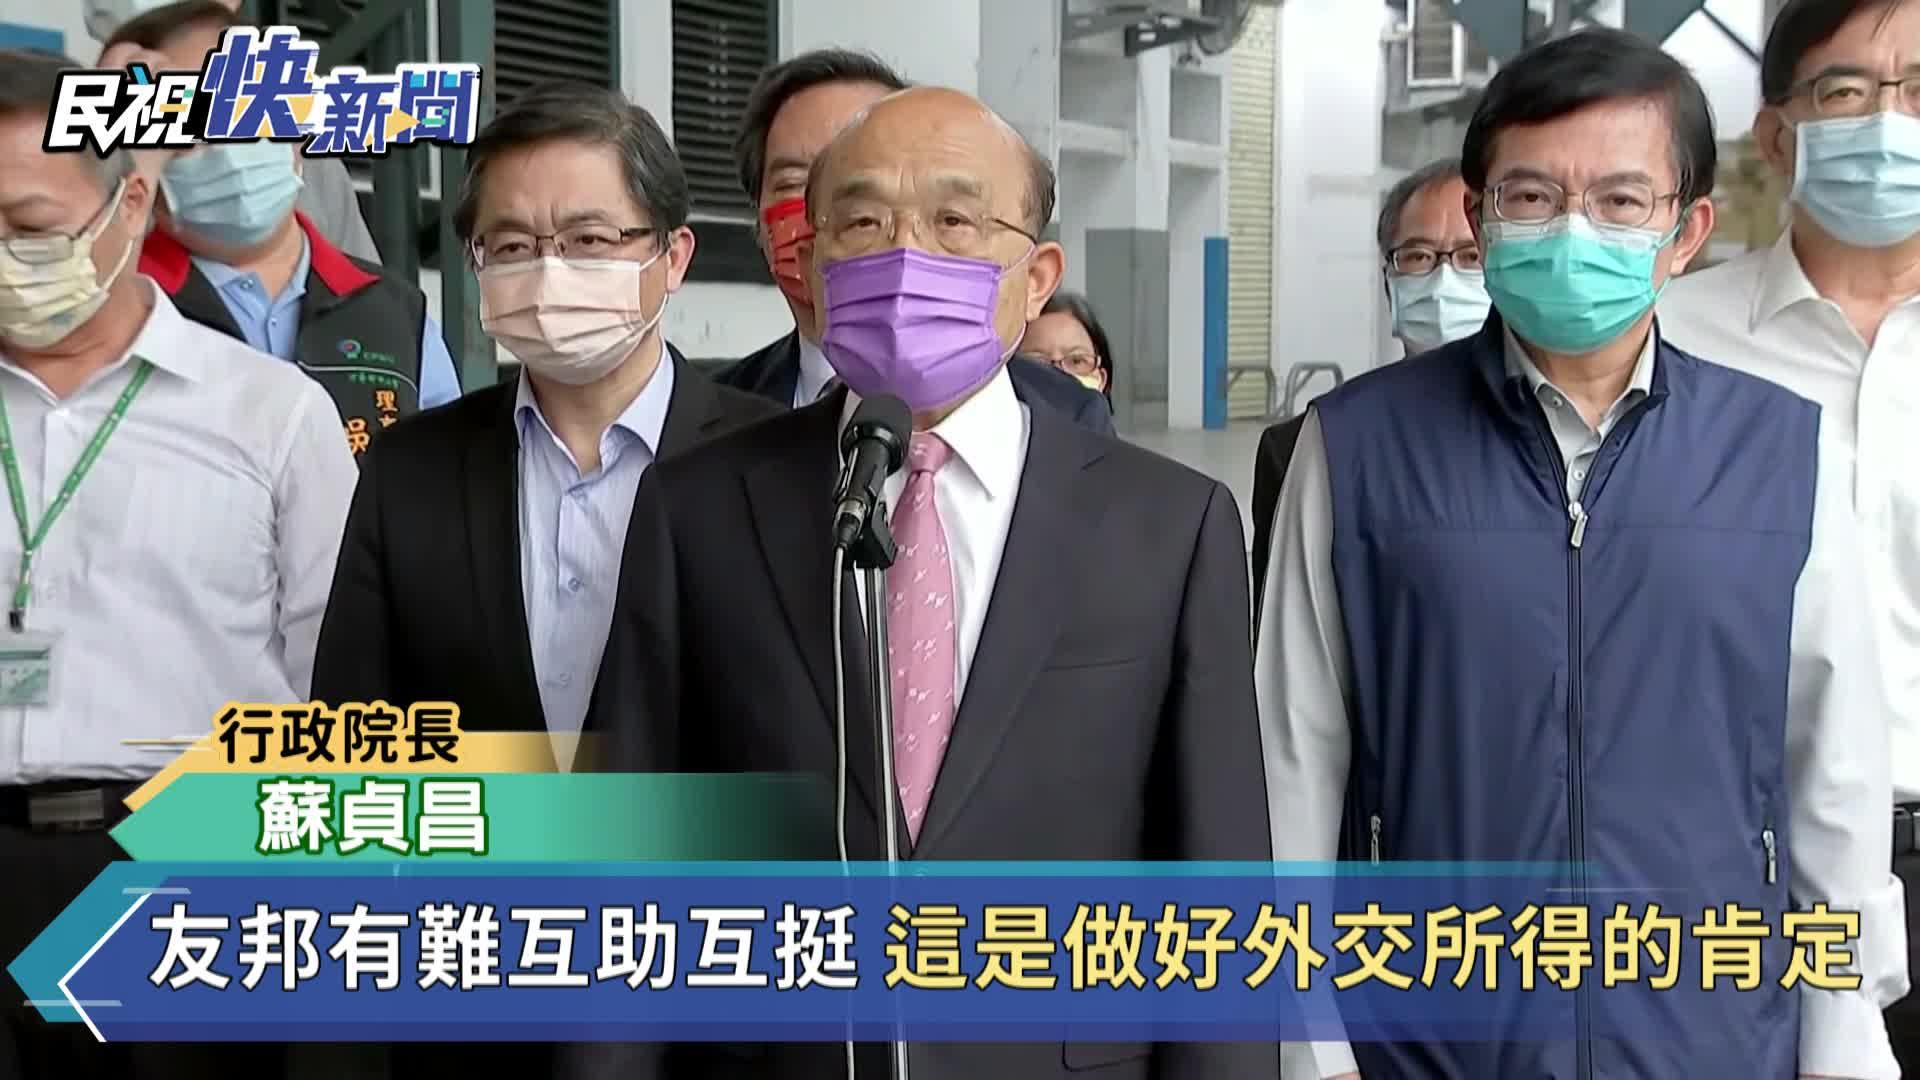 快新聞/藍營轟政府獲美日捐疫苗 蘇貞昌:仇恨發言不符台灣人的善良